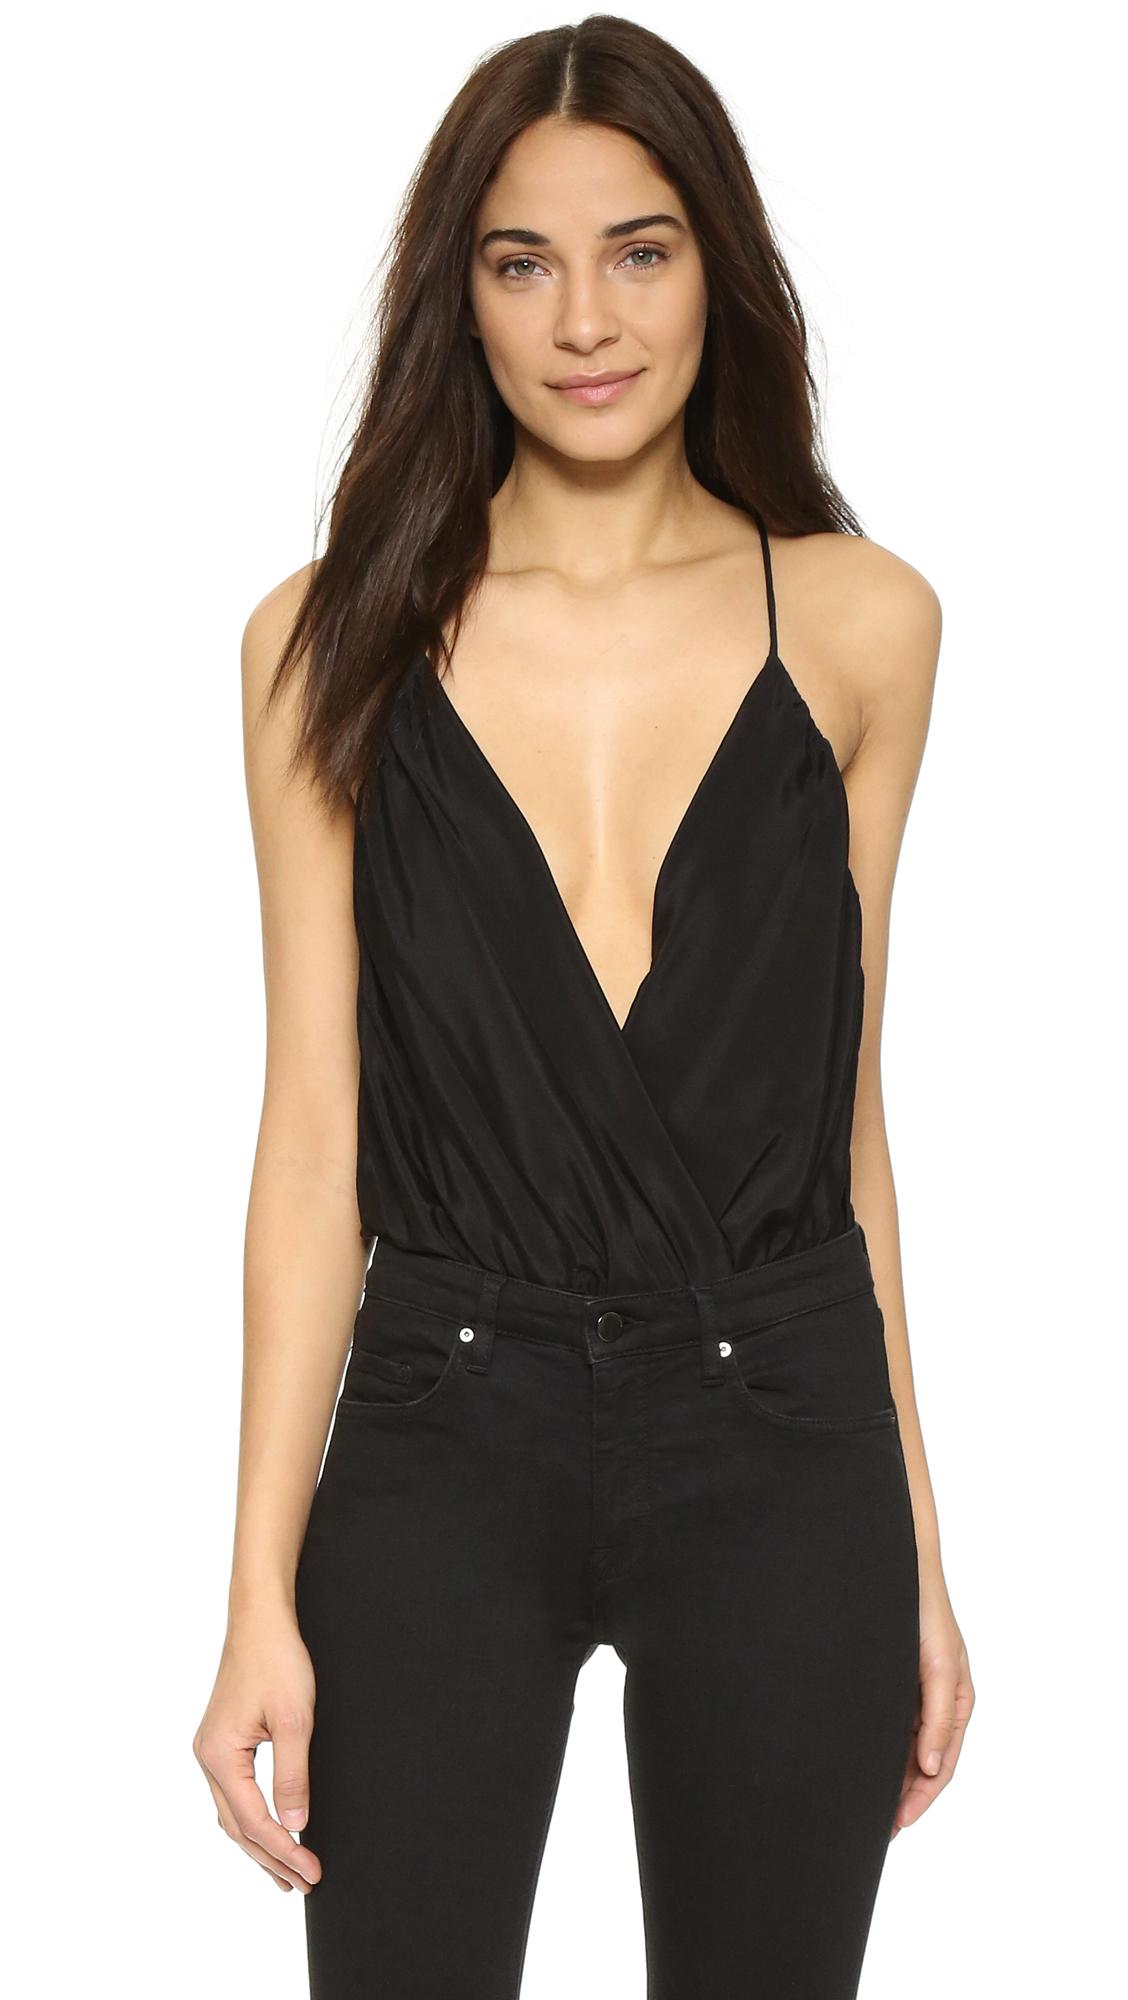 Alice + Olivia Ballerina Bodysuit - Black at Shopbop